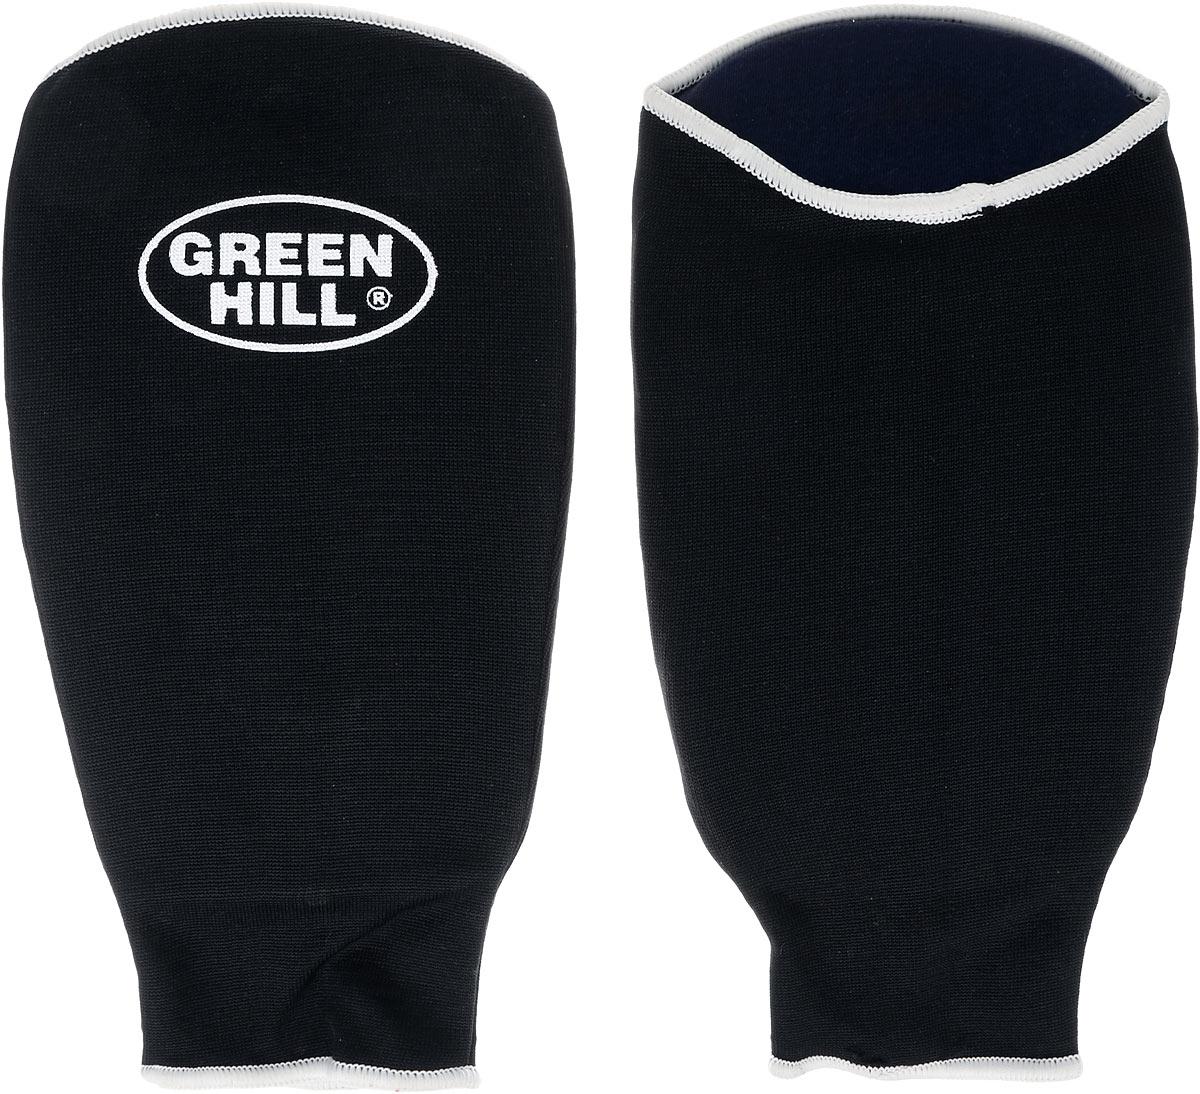 Защита на предплечье Green Hill, цвет: черный, белый. Размер XL. AP-6132AP-6132Защита на предплечье Green Hill предназначена для занятий различными видами единоборств. Она защищает руки от синяков и ушибов. Защита изготовлена из хлопка с эластаном, мягкие вкладки изготовлены из вспененного полимера.